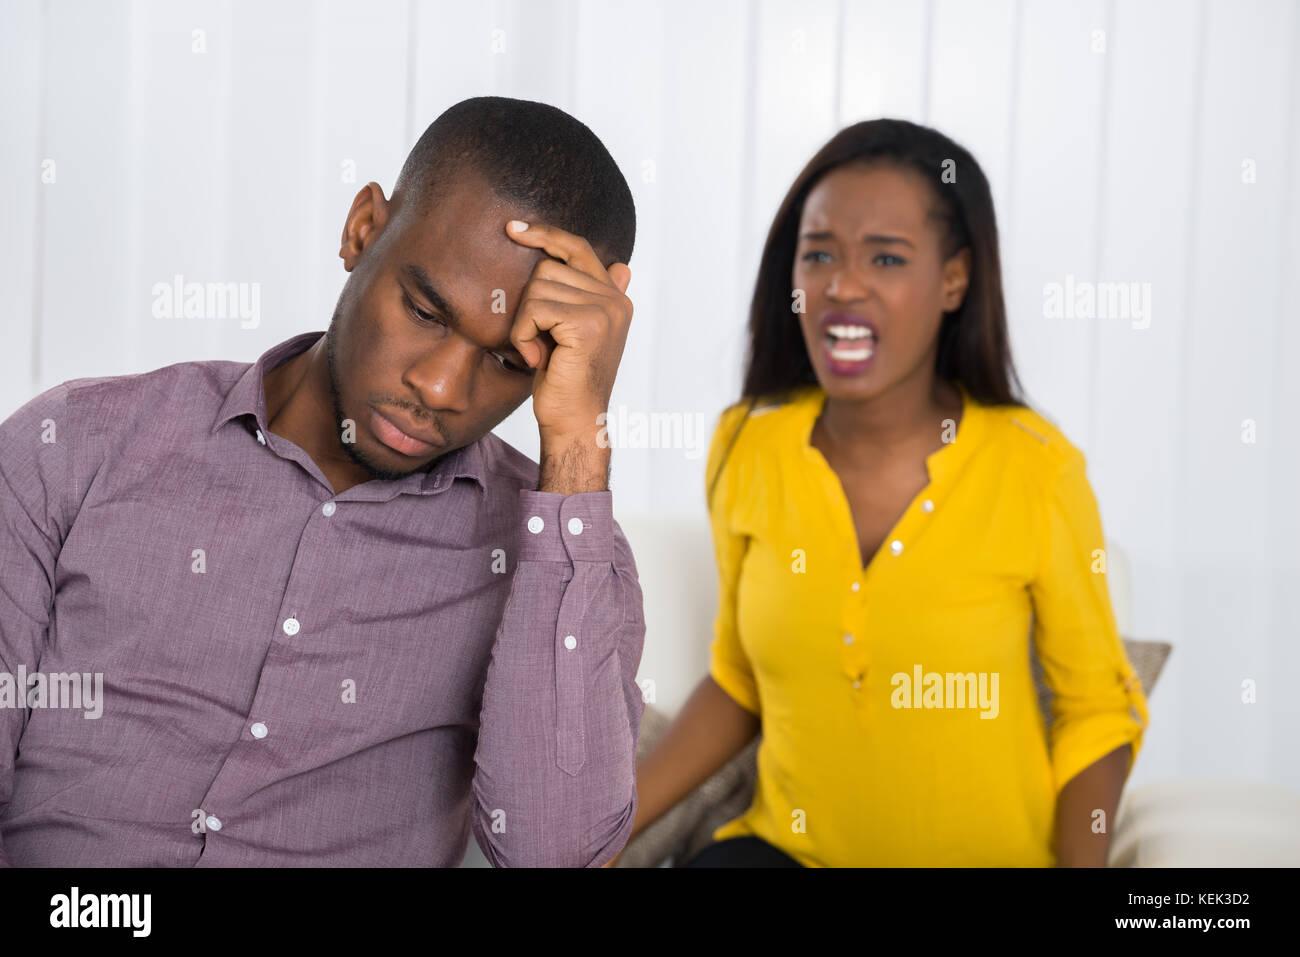 Infeliz mujer joven habiendo argumento con el hombre en el hogar Imagen De Stock